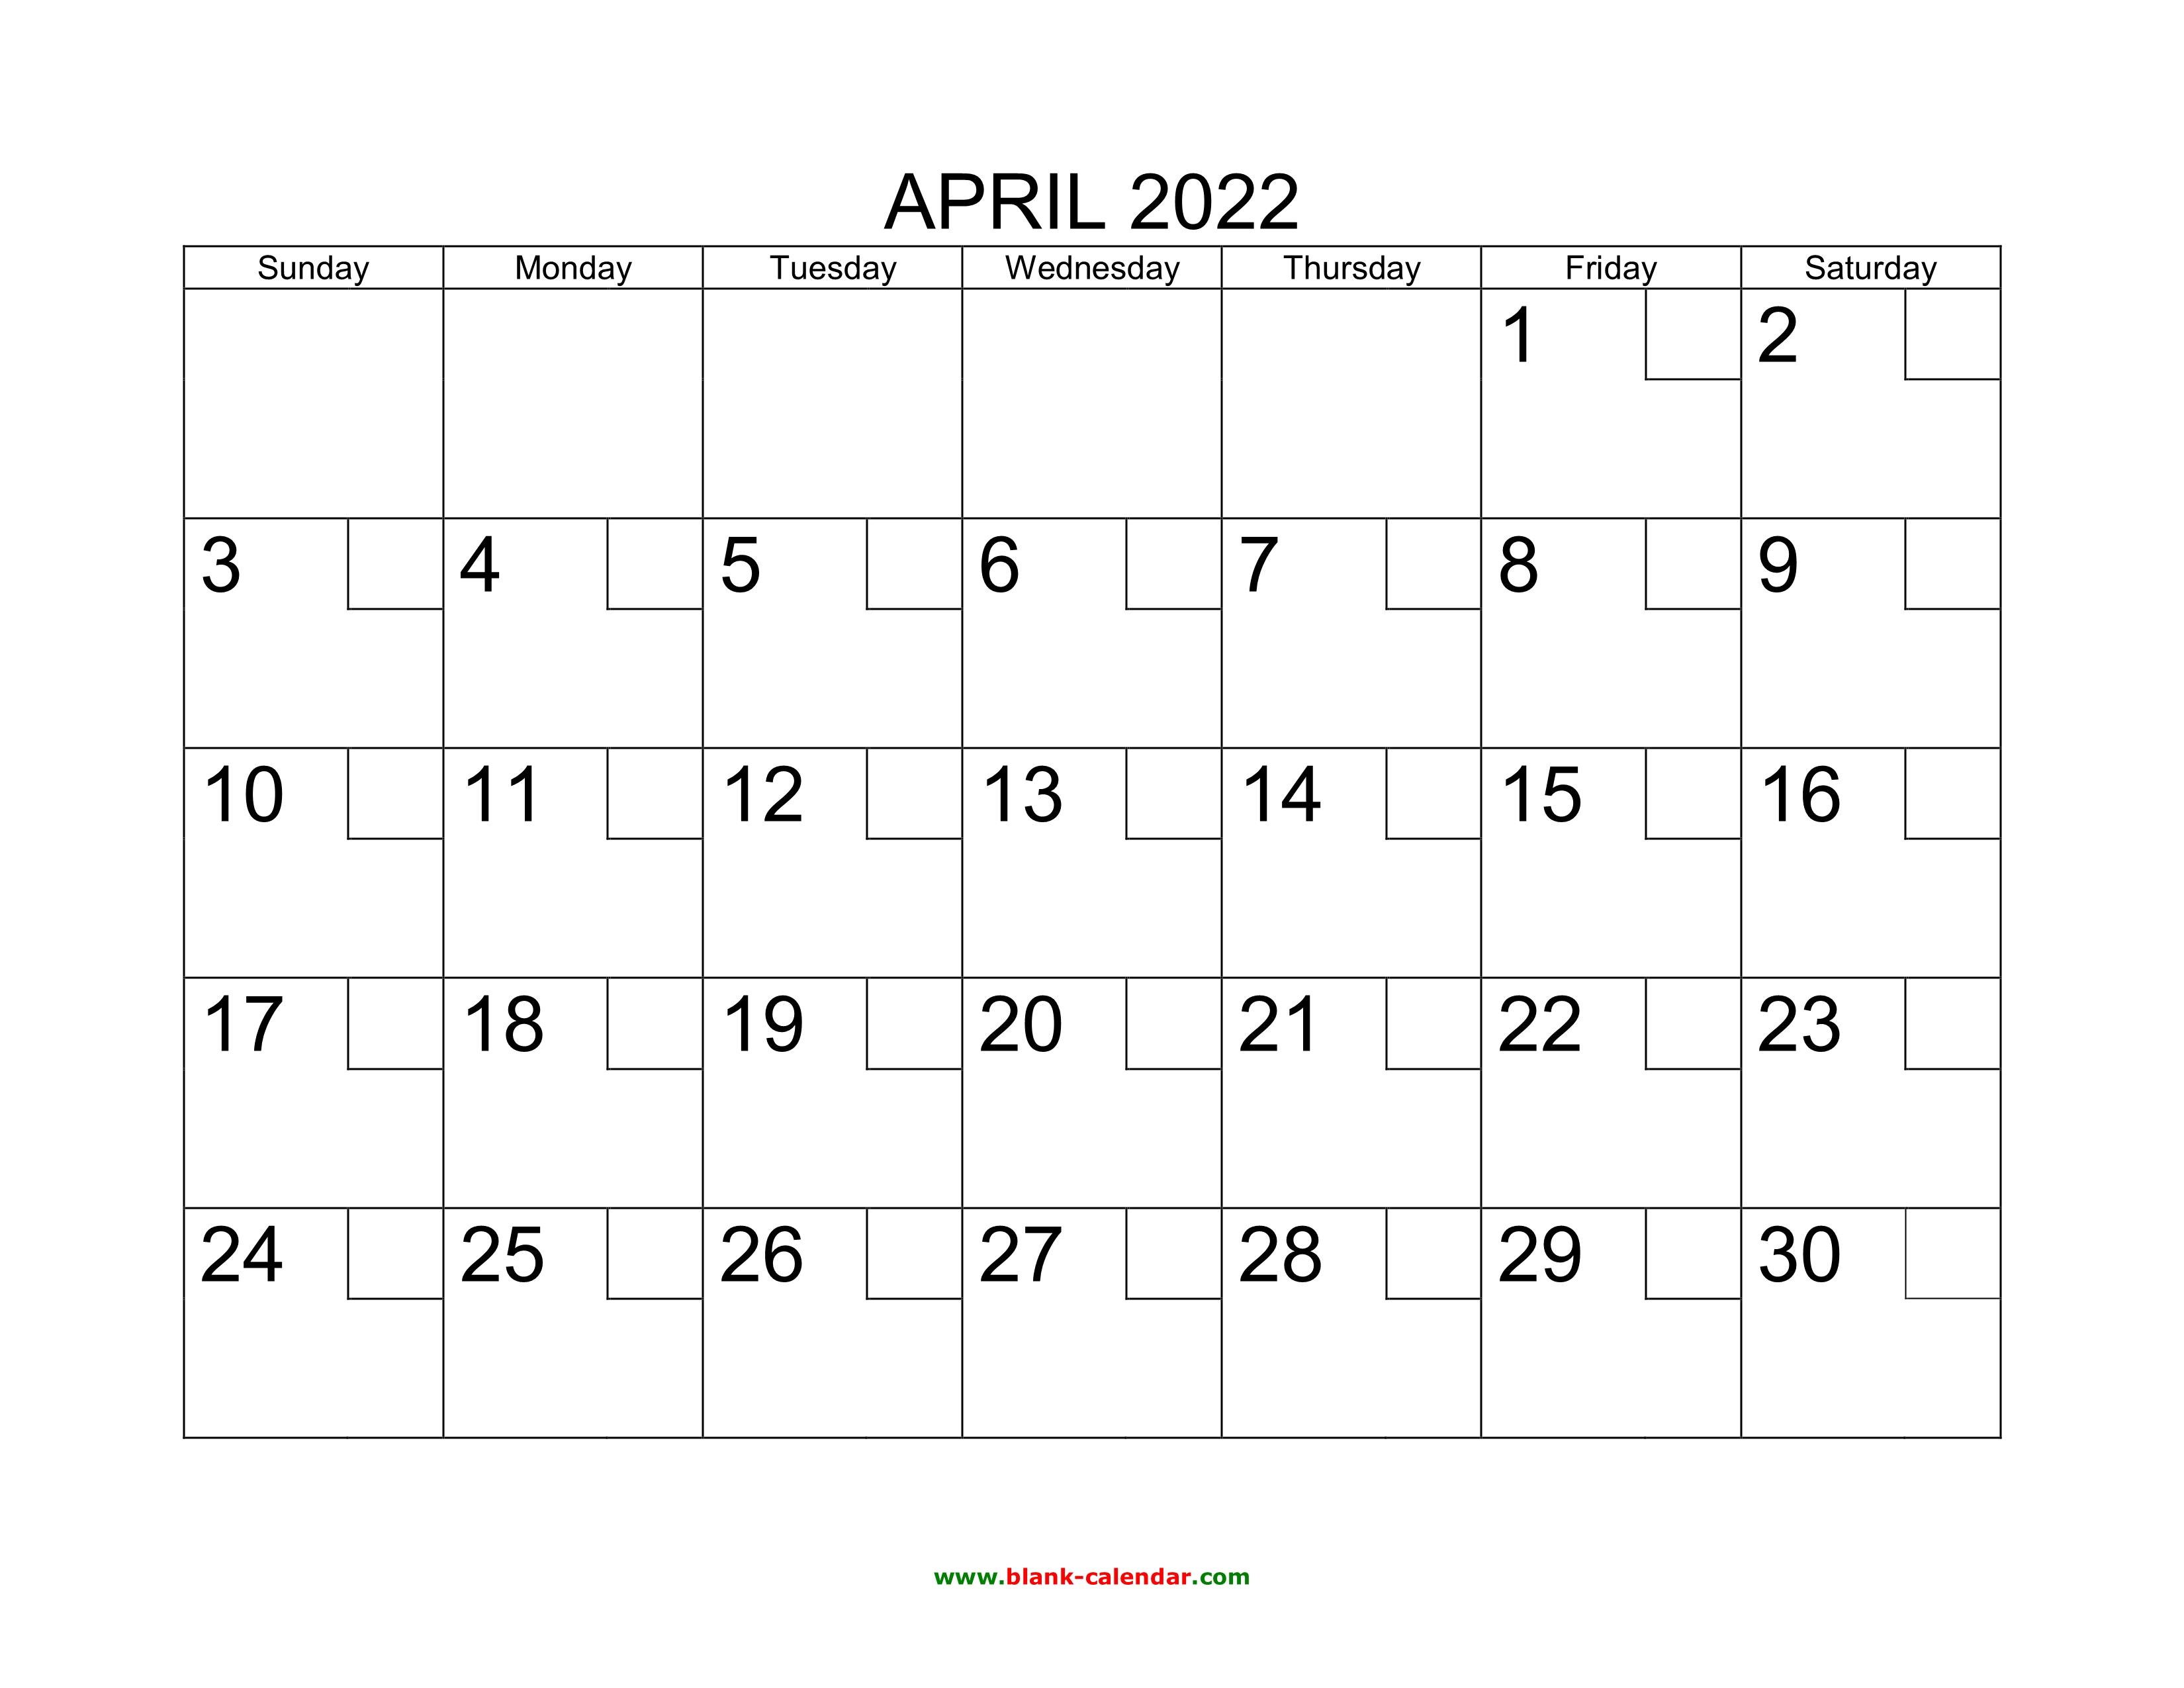 Free Printable April 2022 Calendar.Free Download Printable April 2022 Calendar With Check Boxes